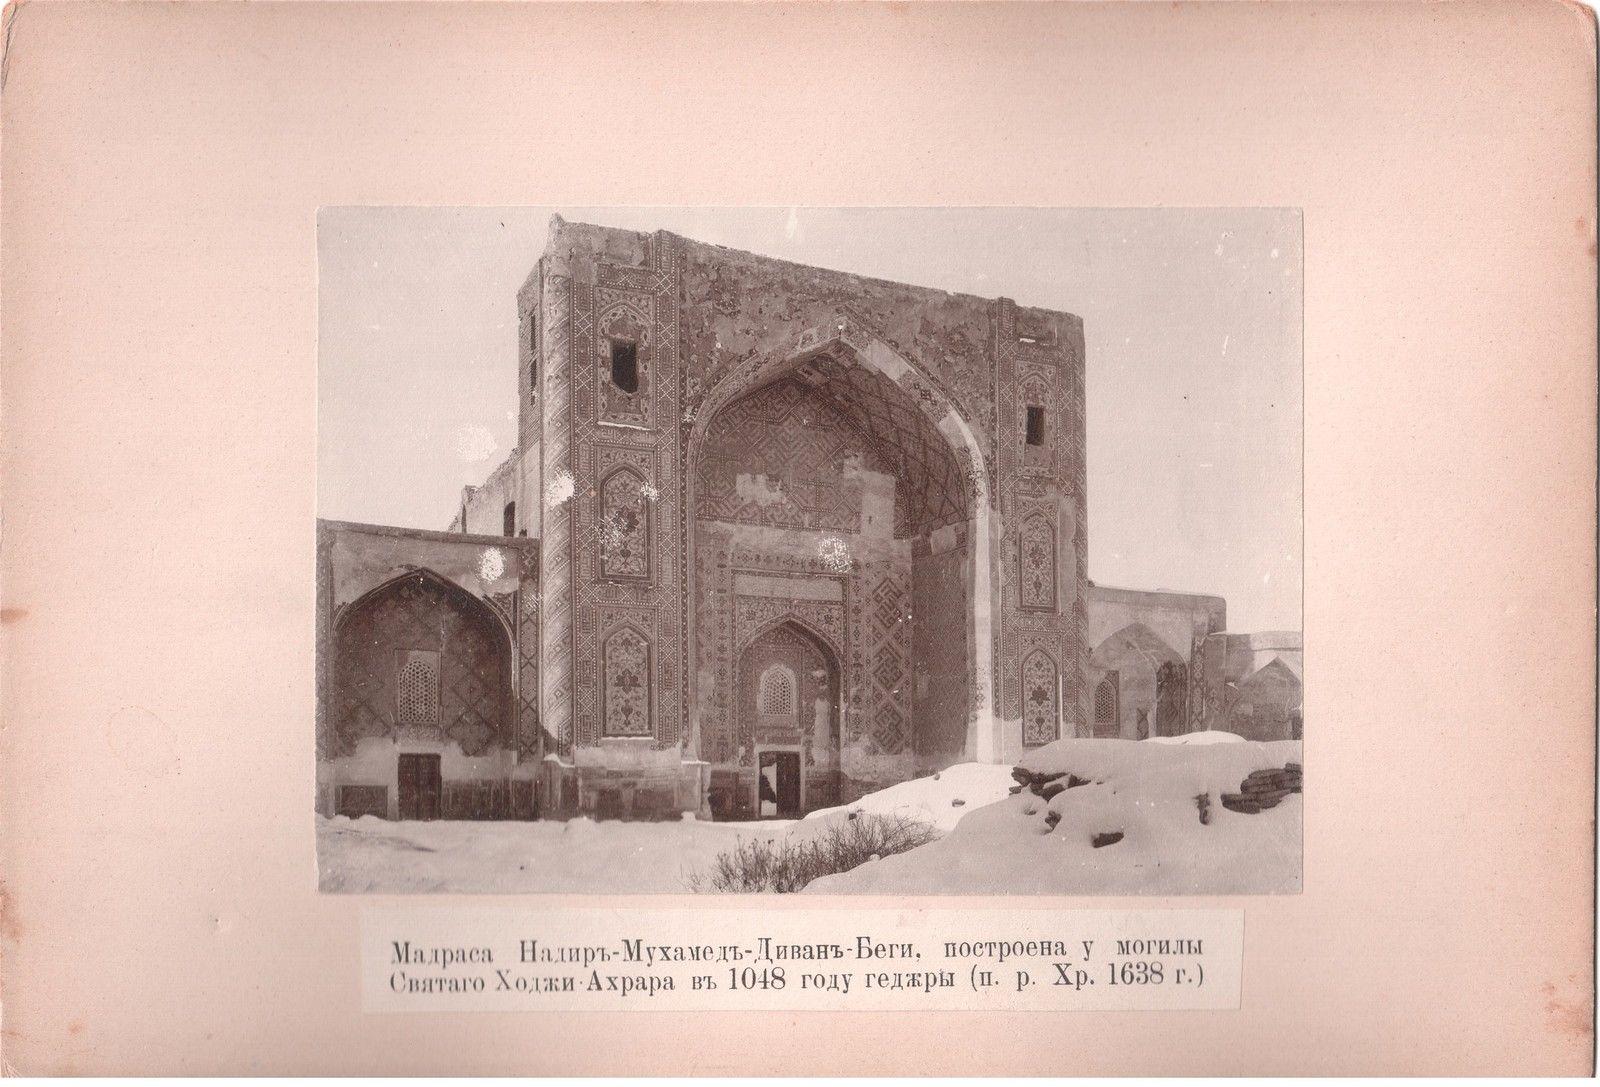 Медресе Надир-Мухамед-Диван-Беги